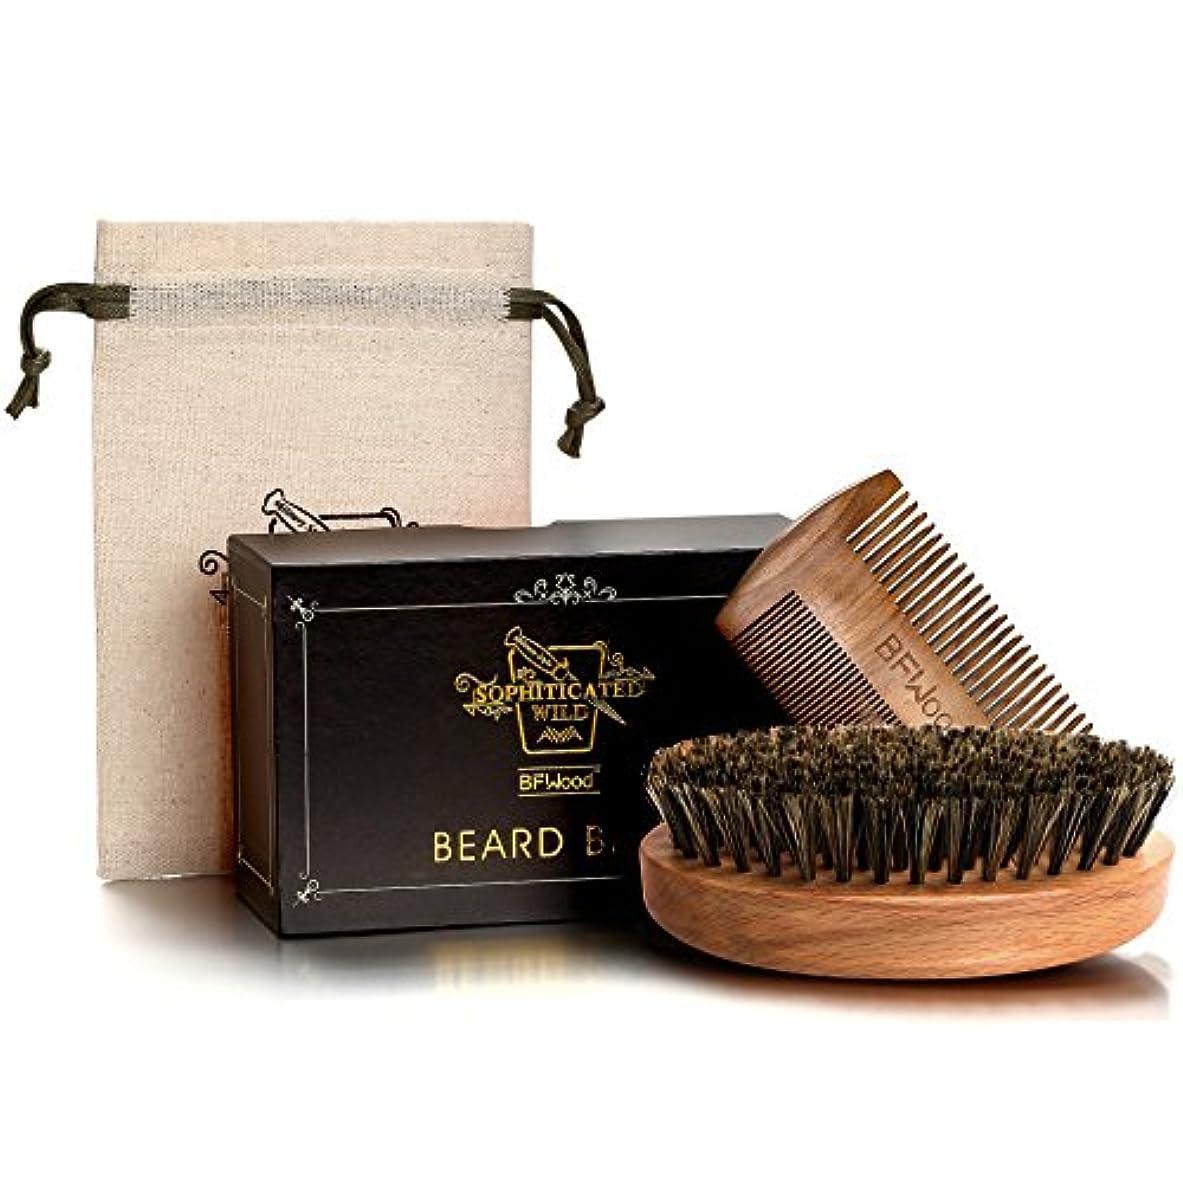 素人接触鉱夫BFWood Beard Brush Set 豚毛髭ブラシと木製コム アメリカミリタリースタイル (ブラシとコムセット)